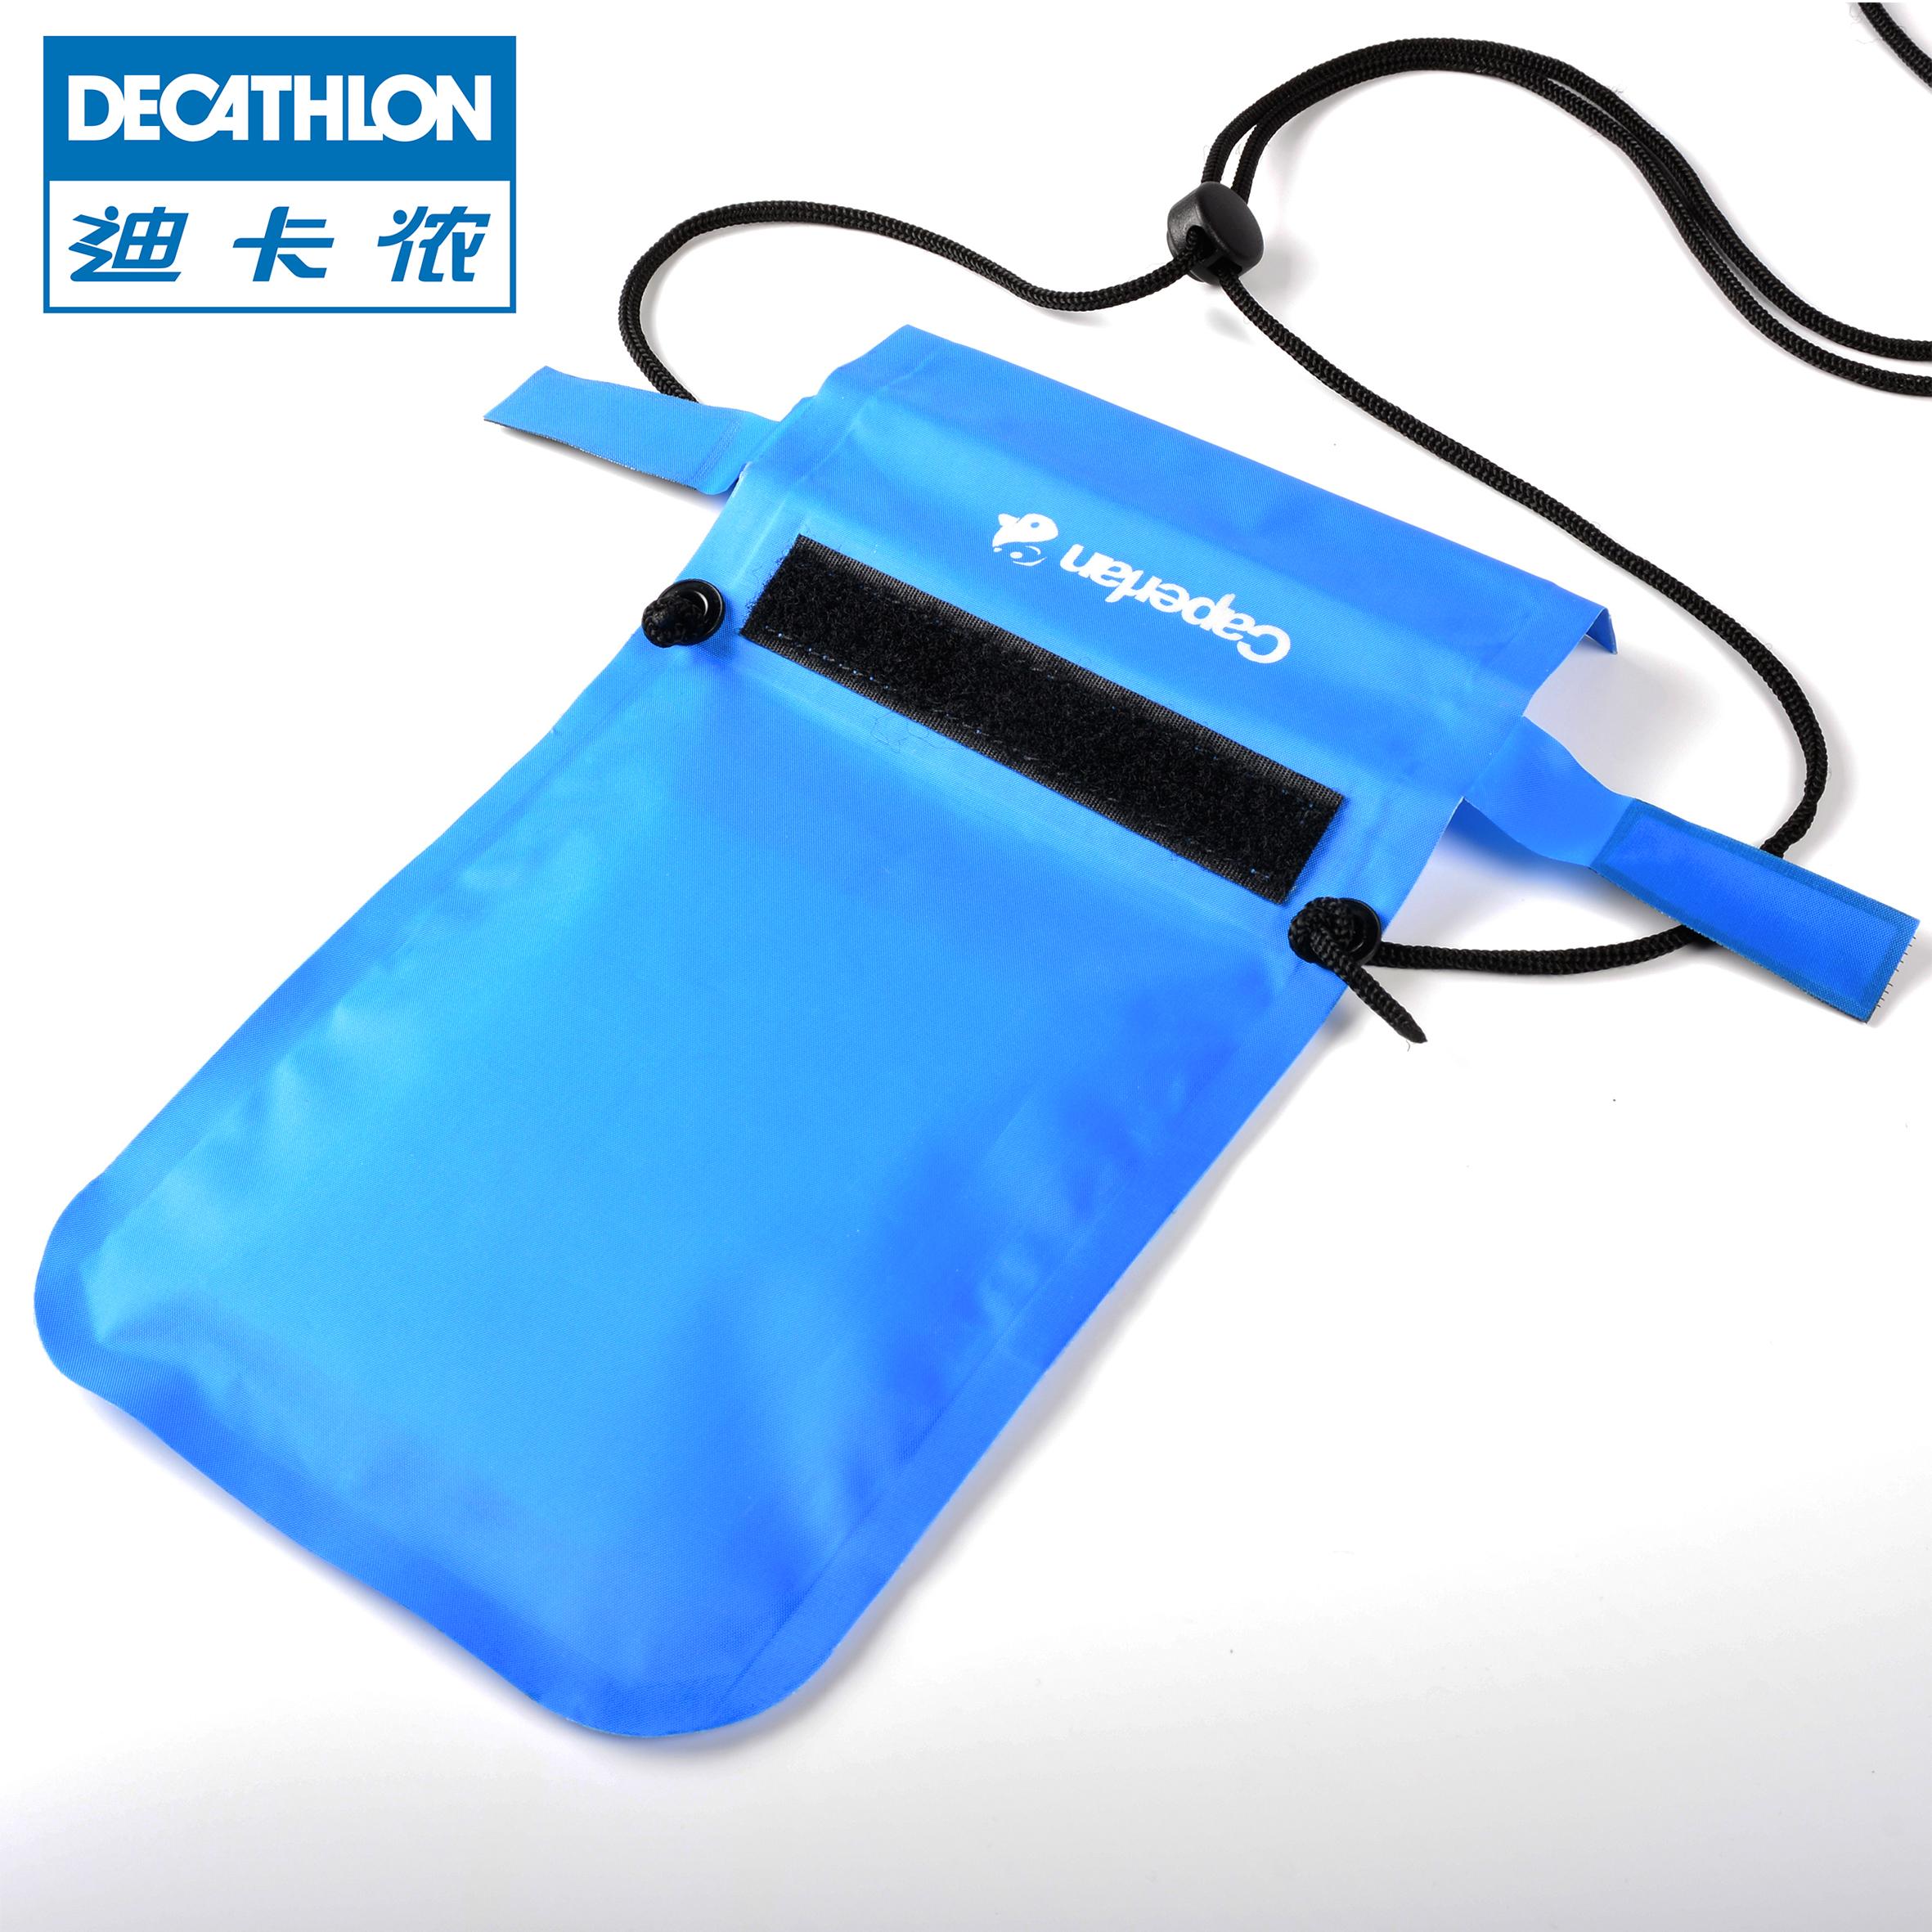 DECATHLON 迪卡侬 户外钓鱼漂流手机证件防水袋 (蓝色)